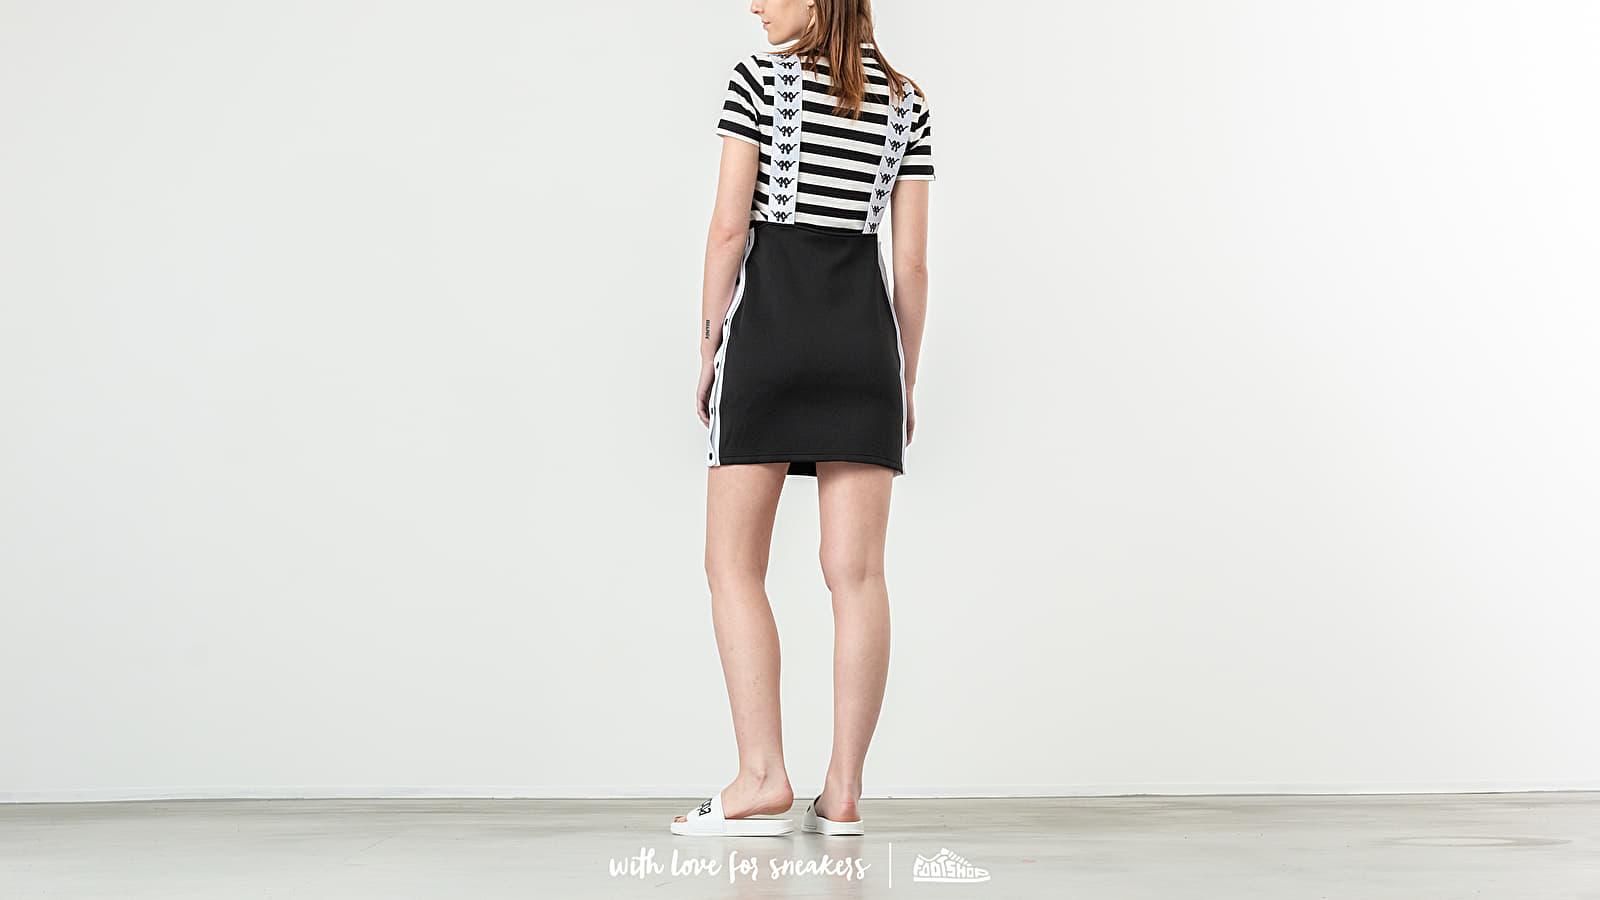 Dress Banda Black Bondera Kappa WhiteFootshop jR5A4L